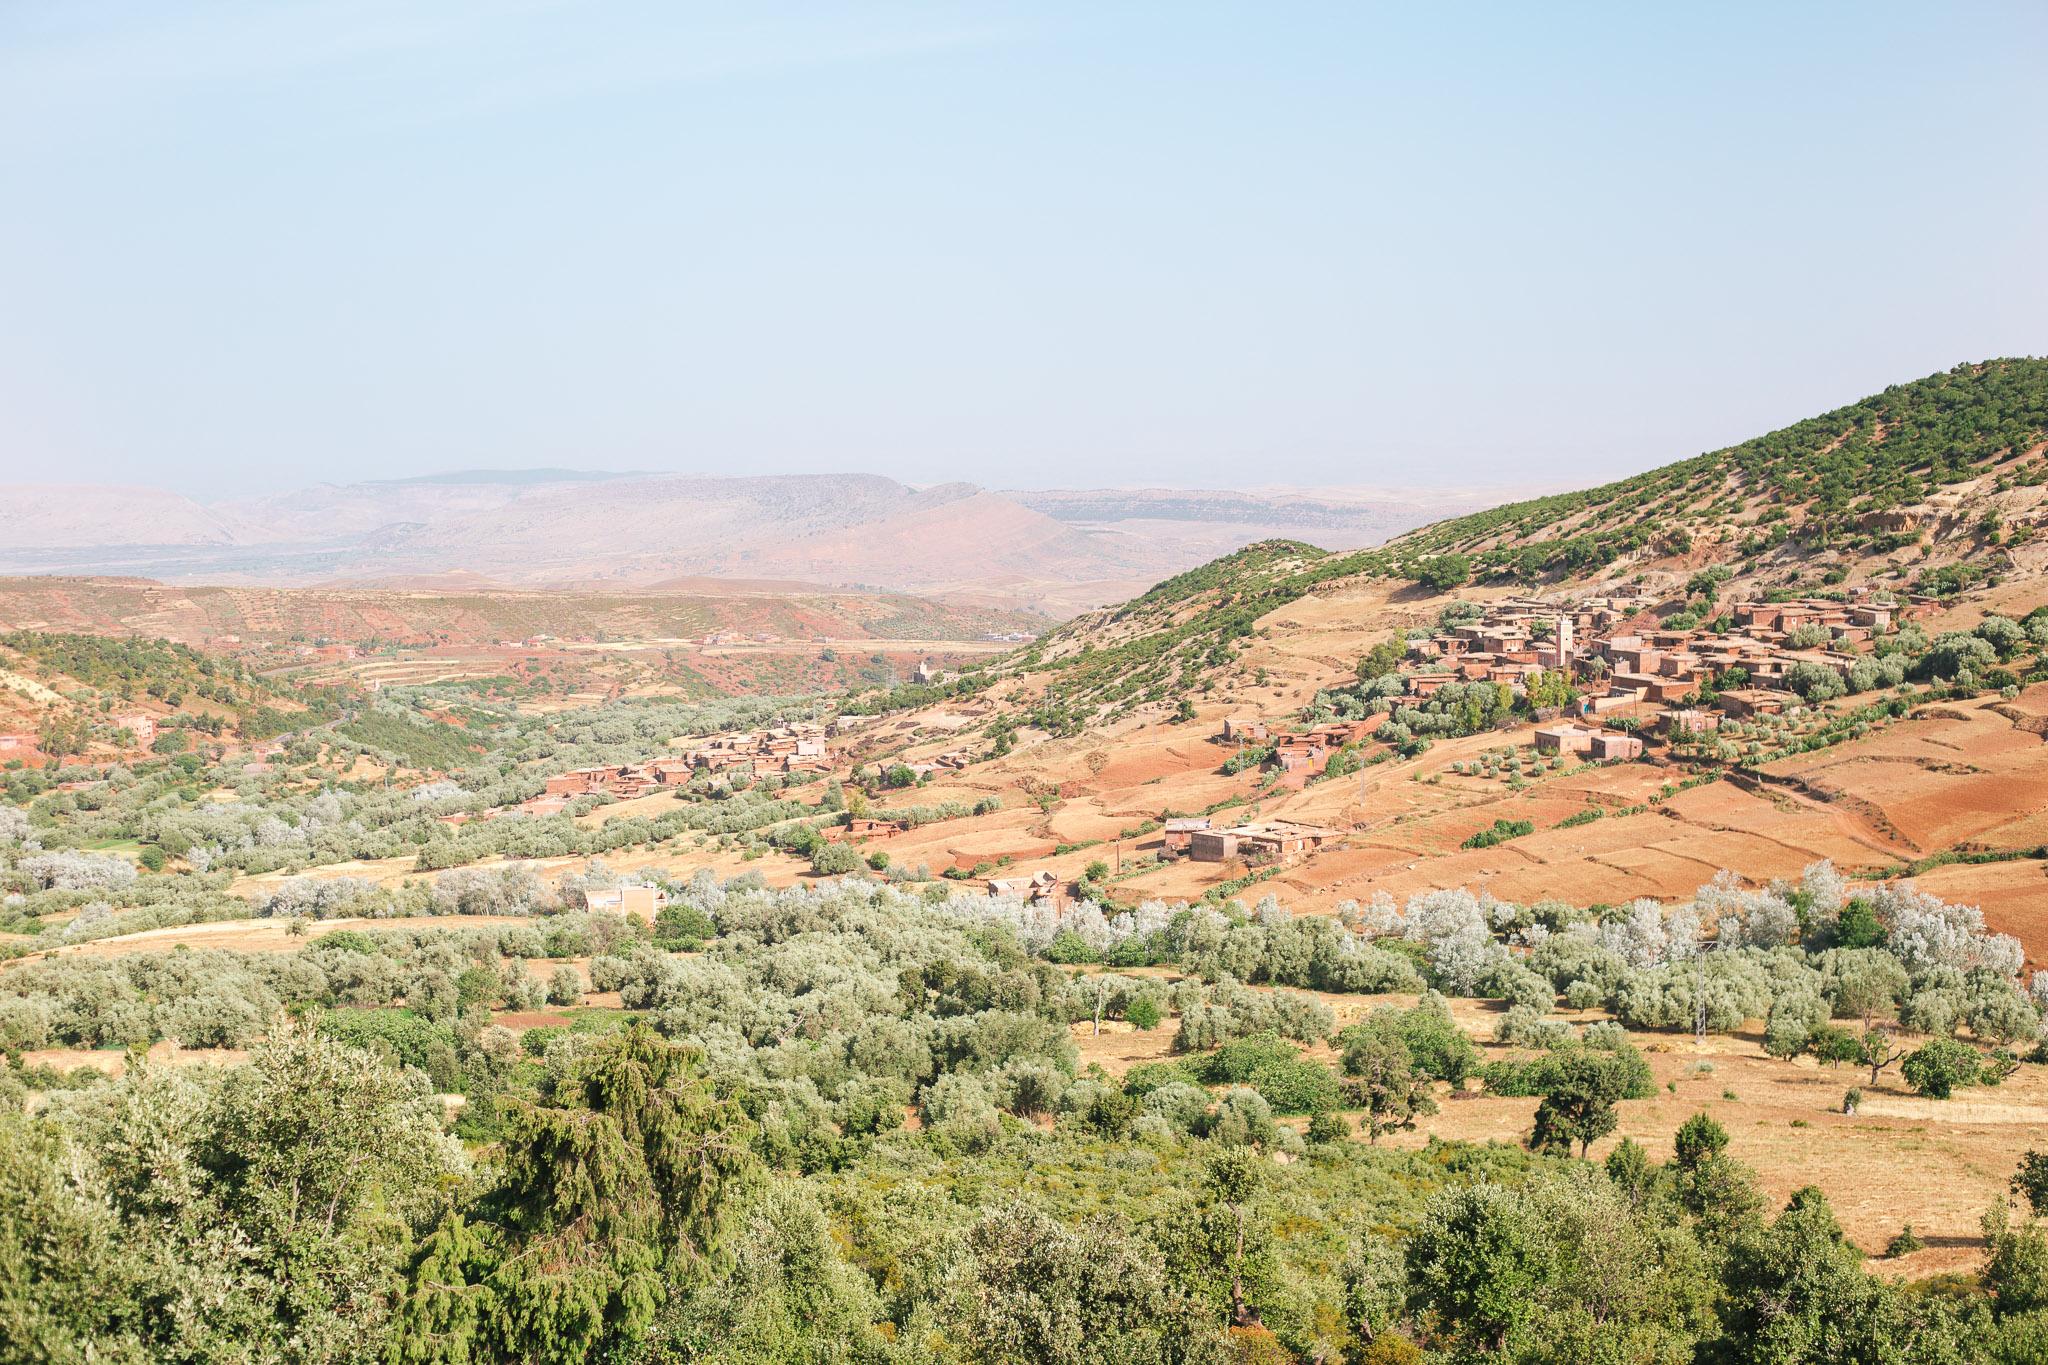 morocco-high-atlas-mountains-1.jpg